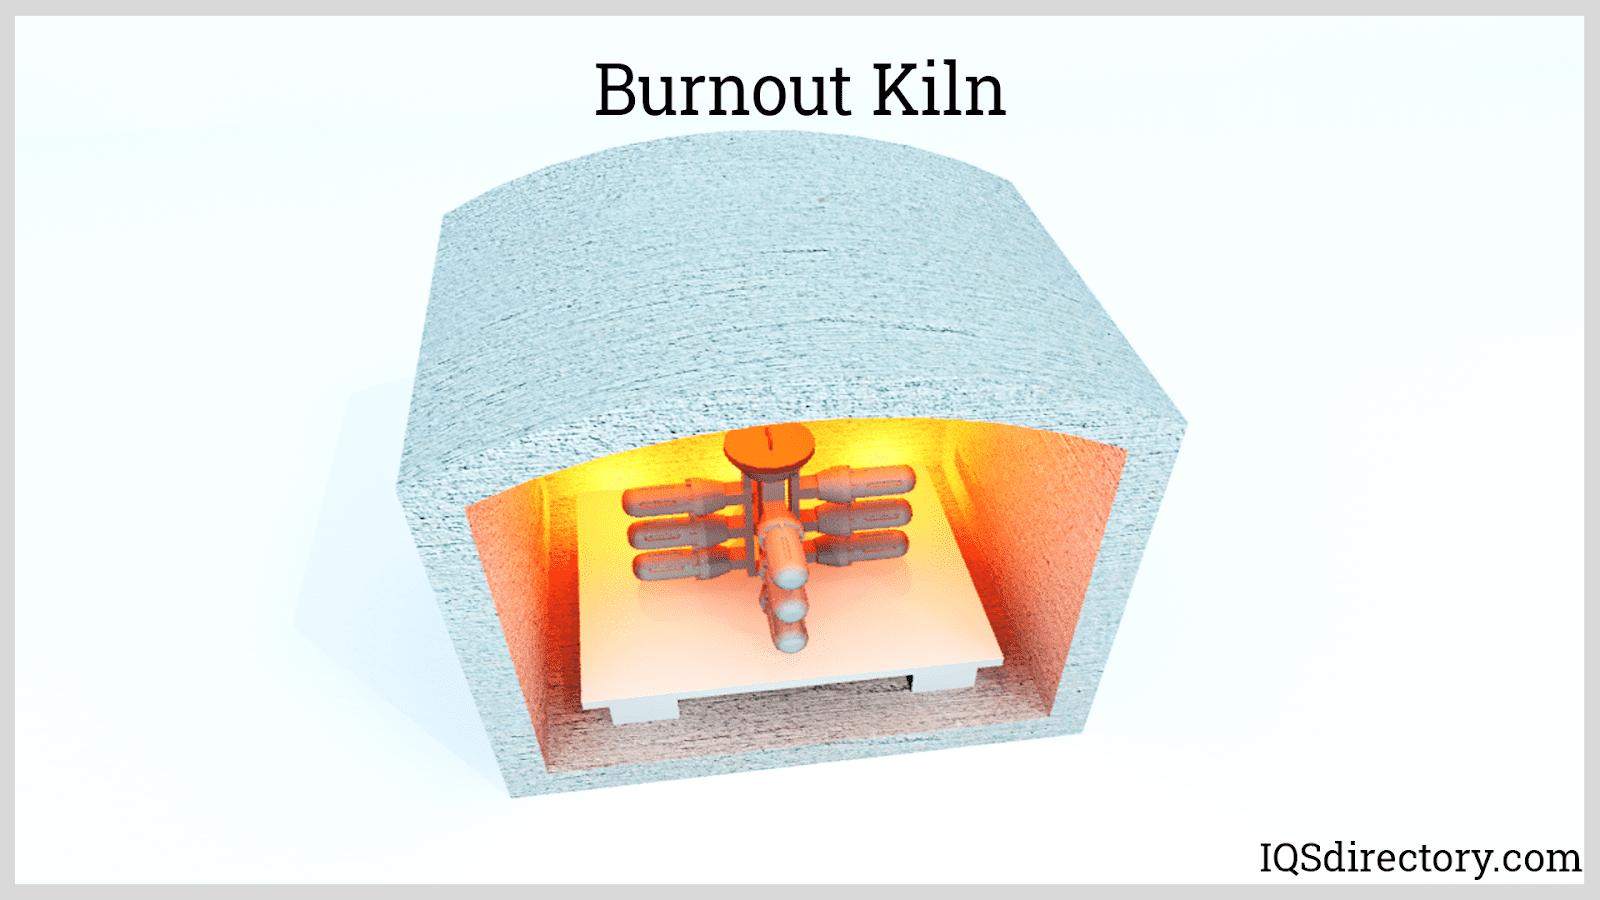 Burnout Kiln